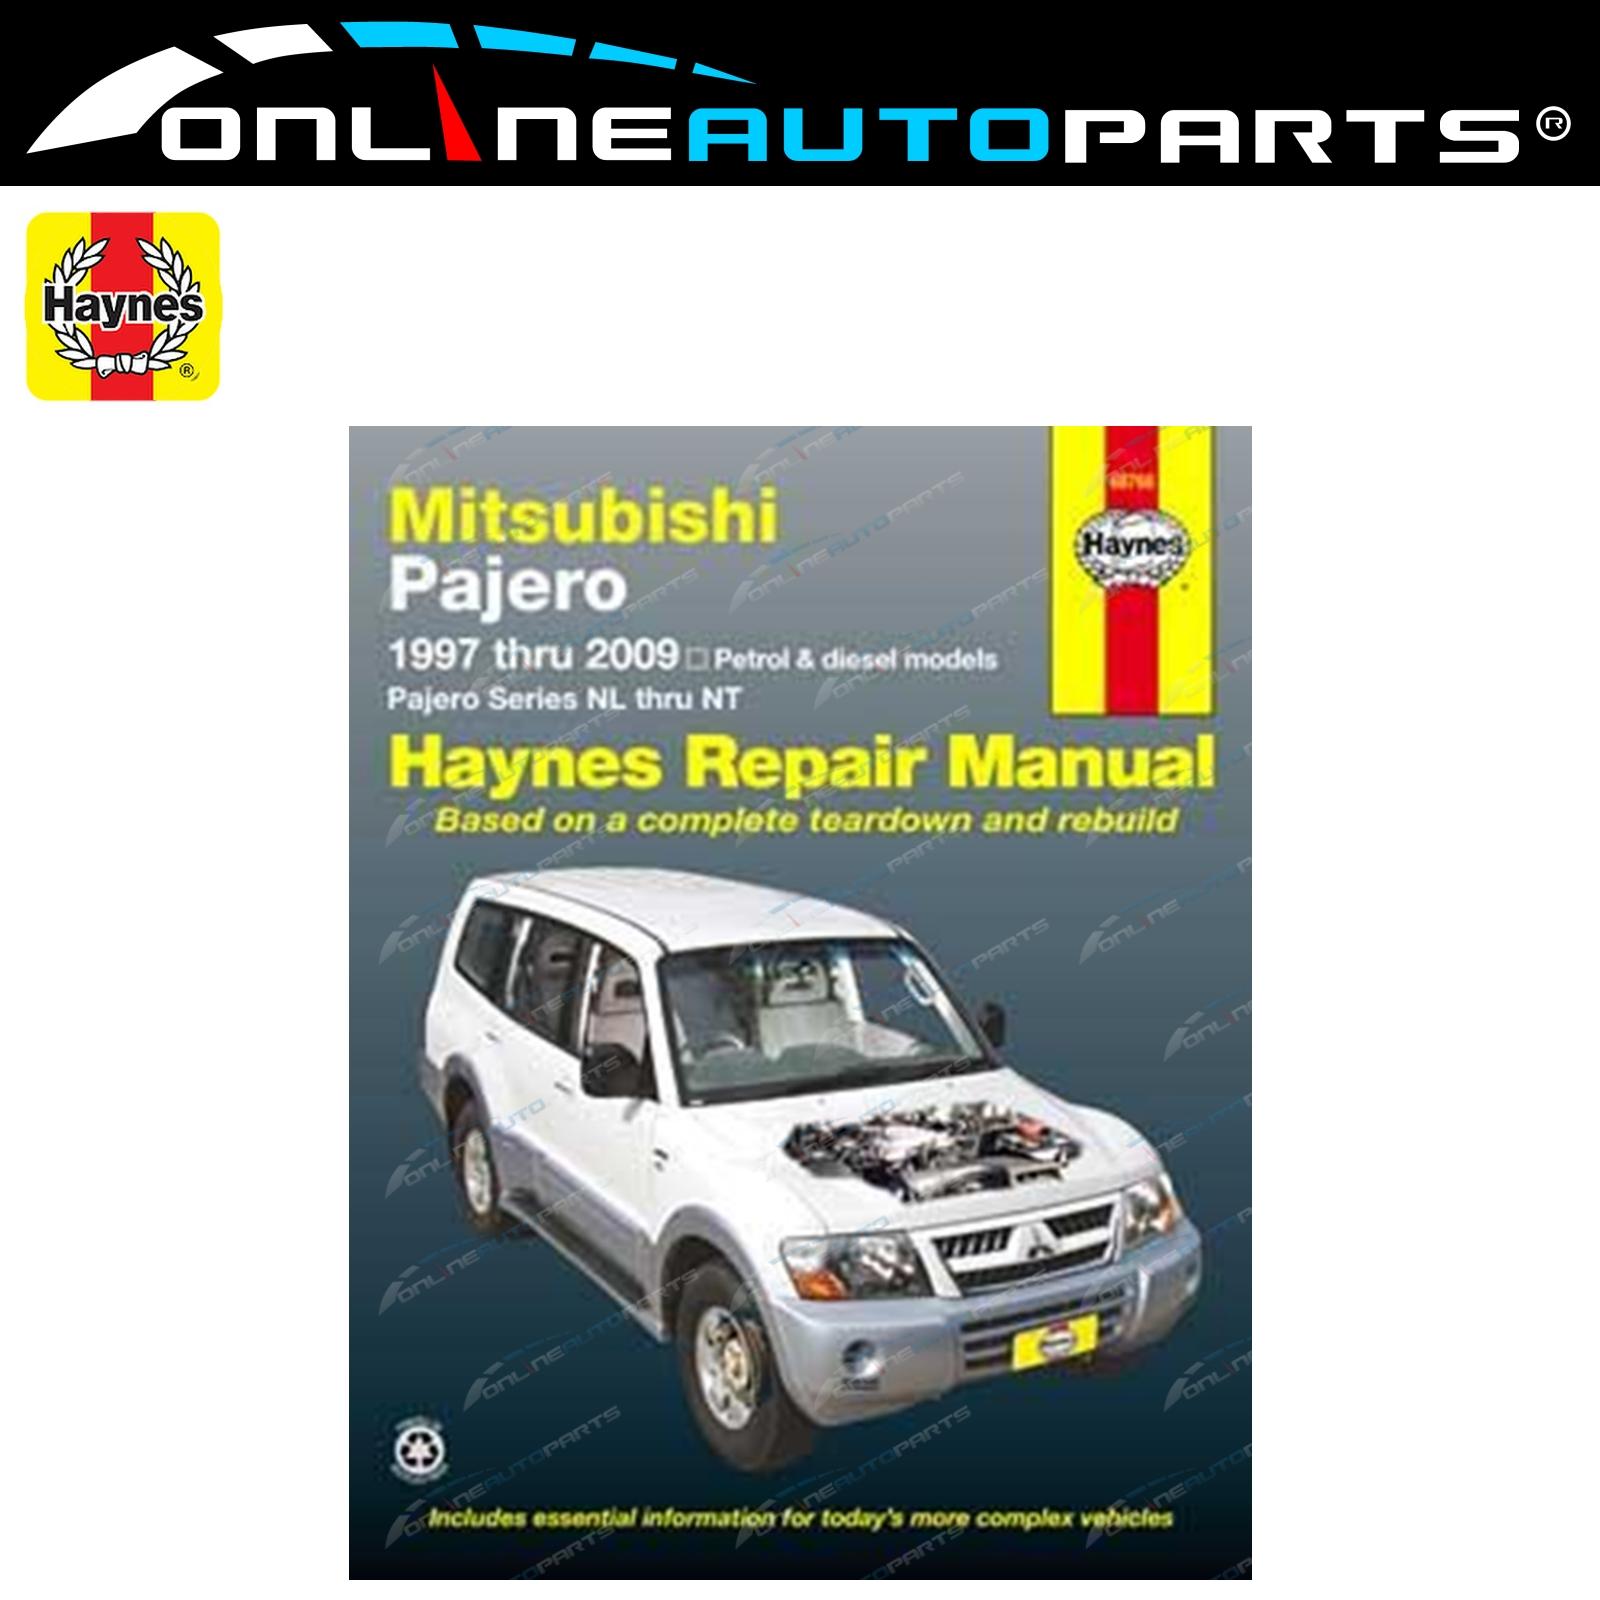 New Haynes Car Repair Manual Book Mitsubishi Pajero NL NM NP NS NT 1997-2009